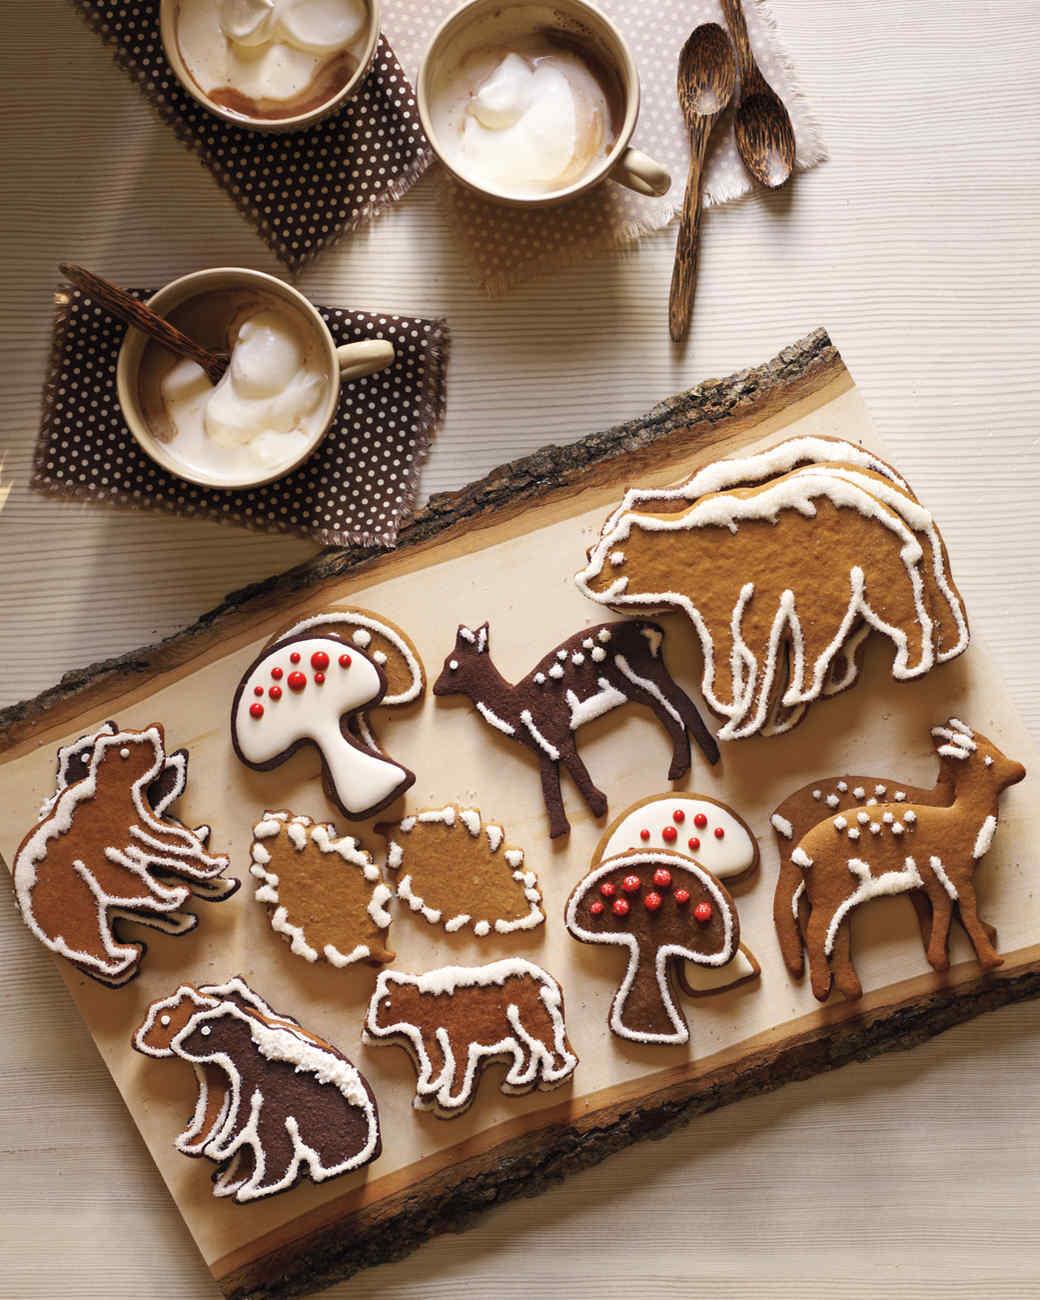 Weihnachten und Lebkuchen sind unzertrennliche Begriffe